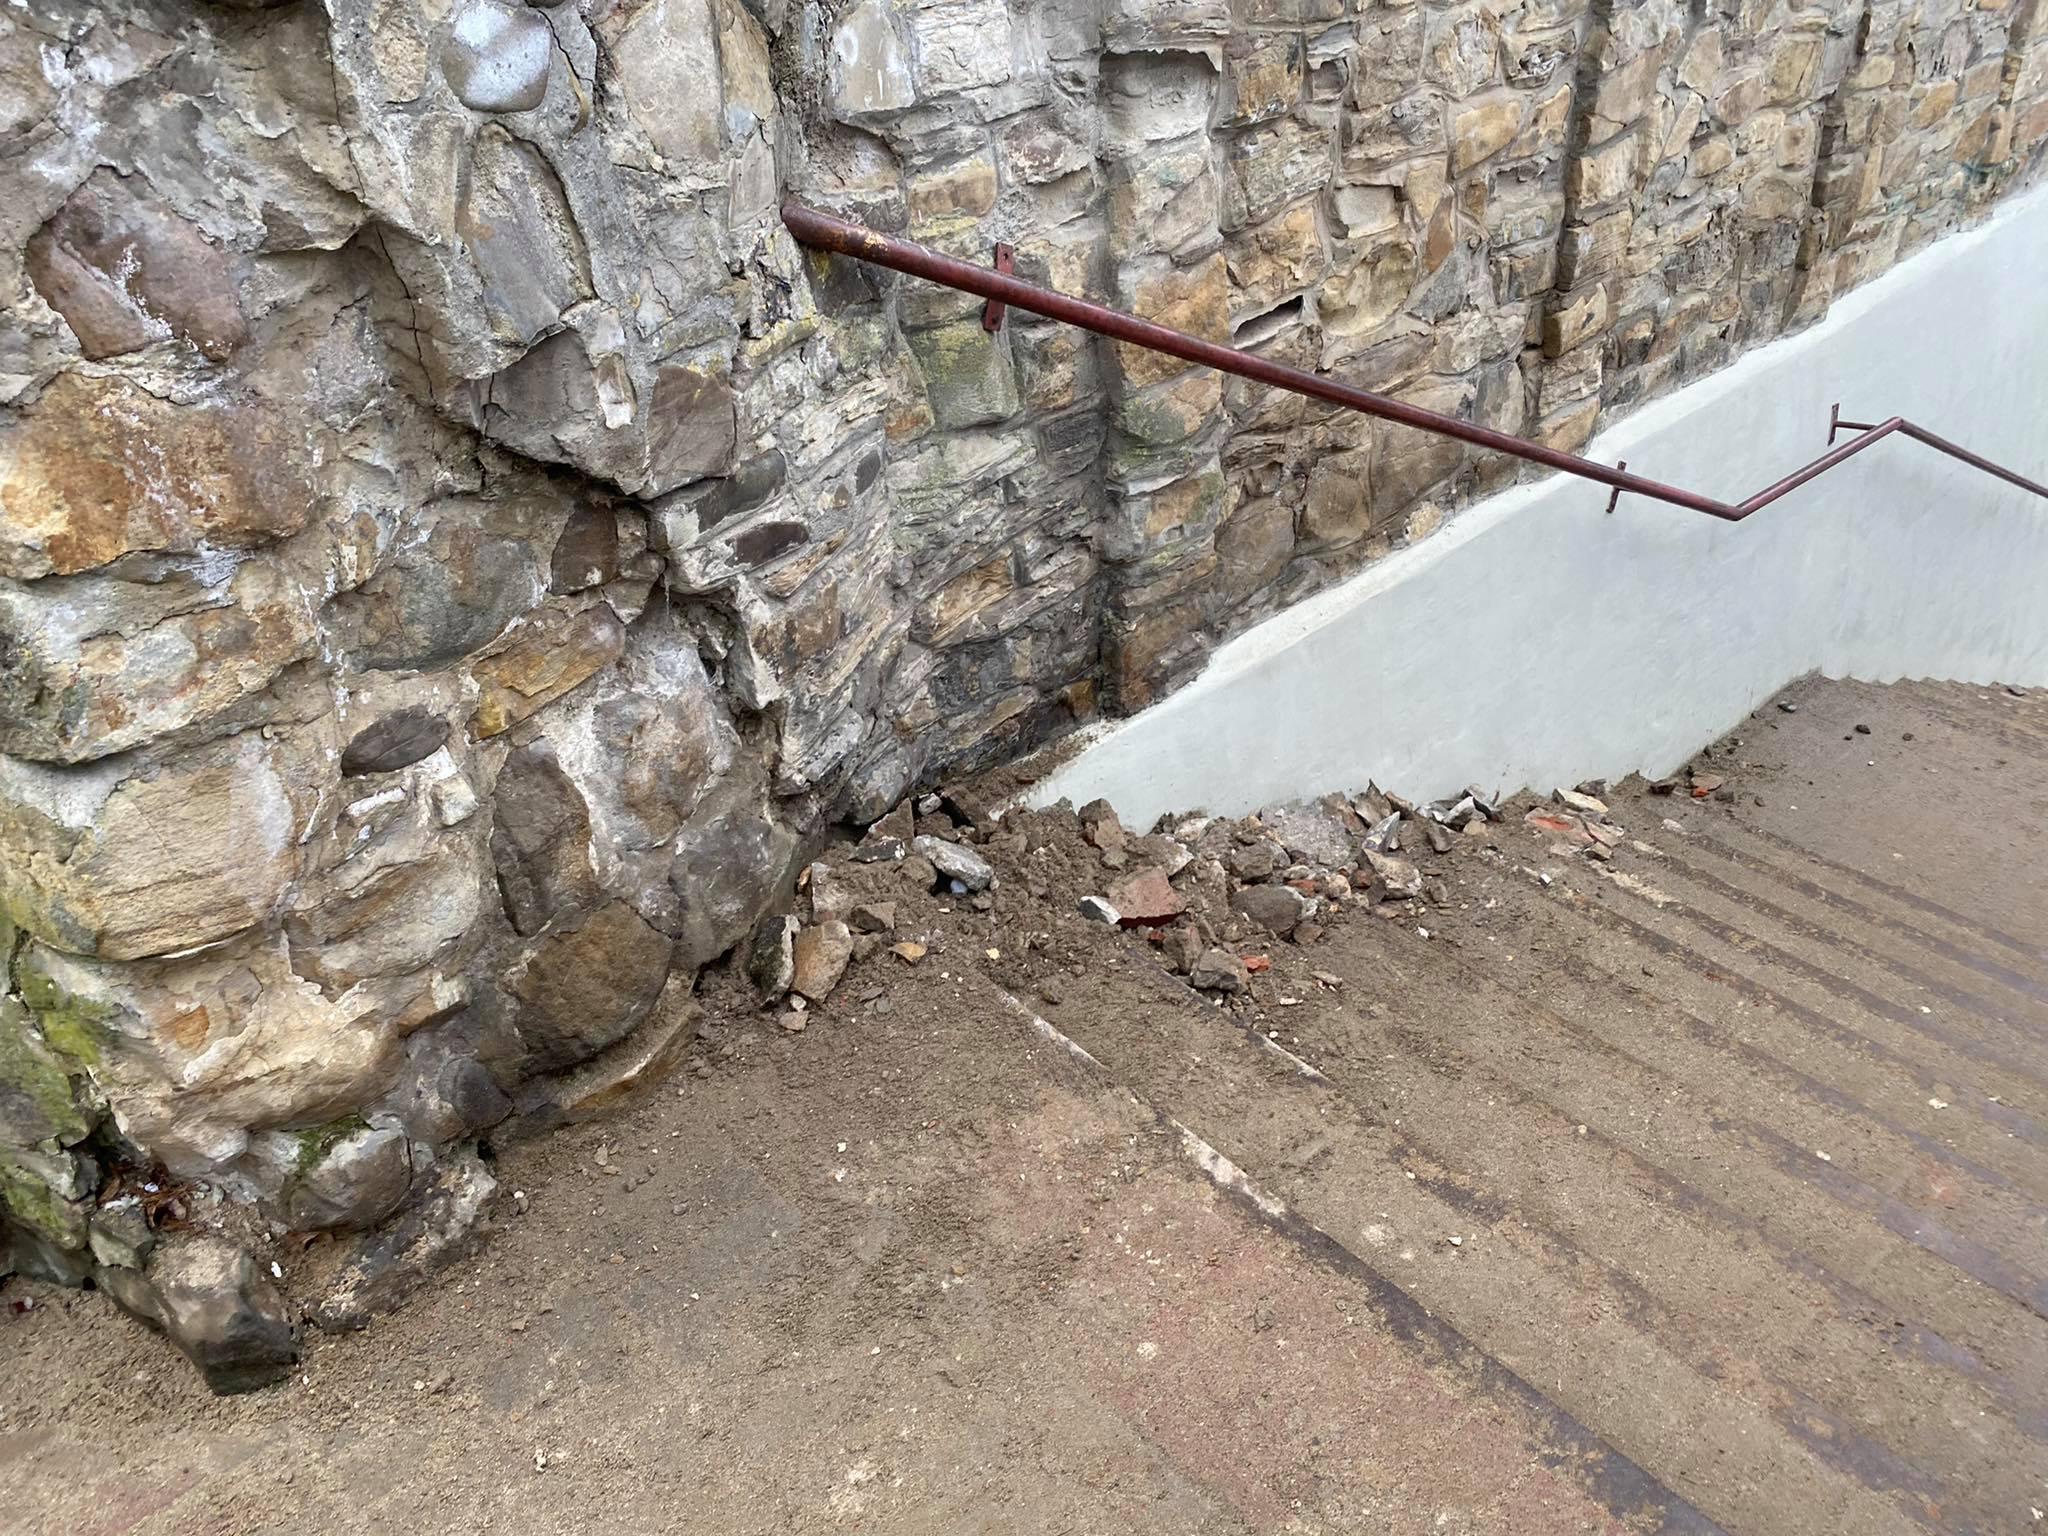 Z OSTATNIEJ CHWILI: Osuwisko na schodach franciszkańskich [ZDJĘCIA] - Zdjęcie główne